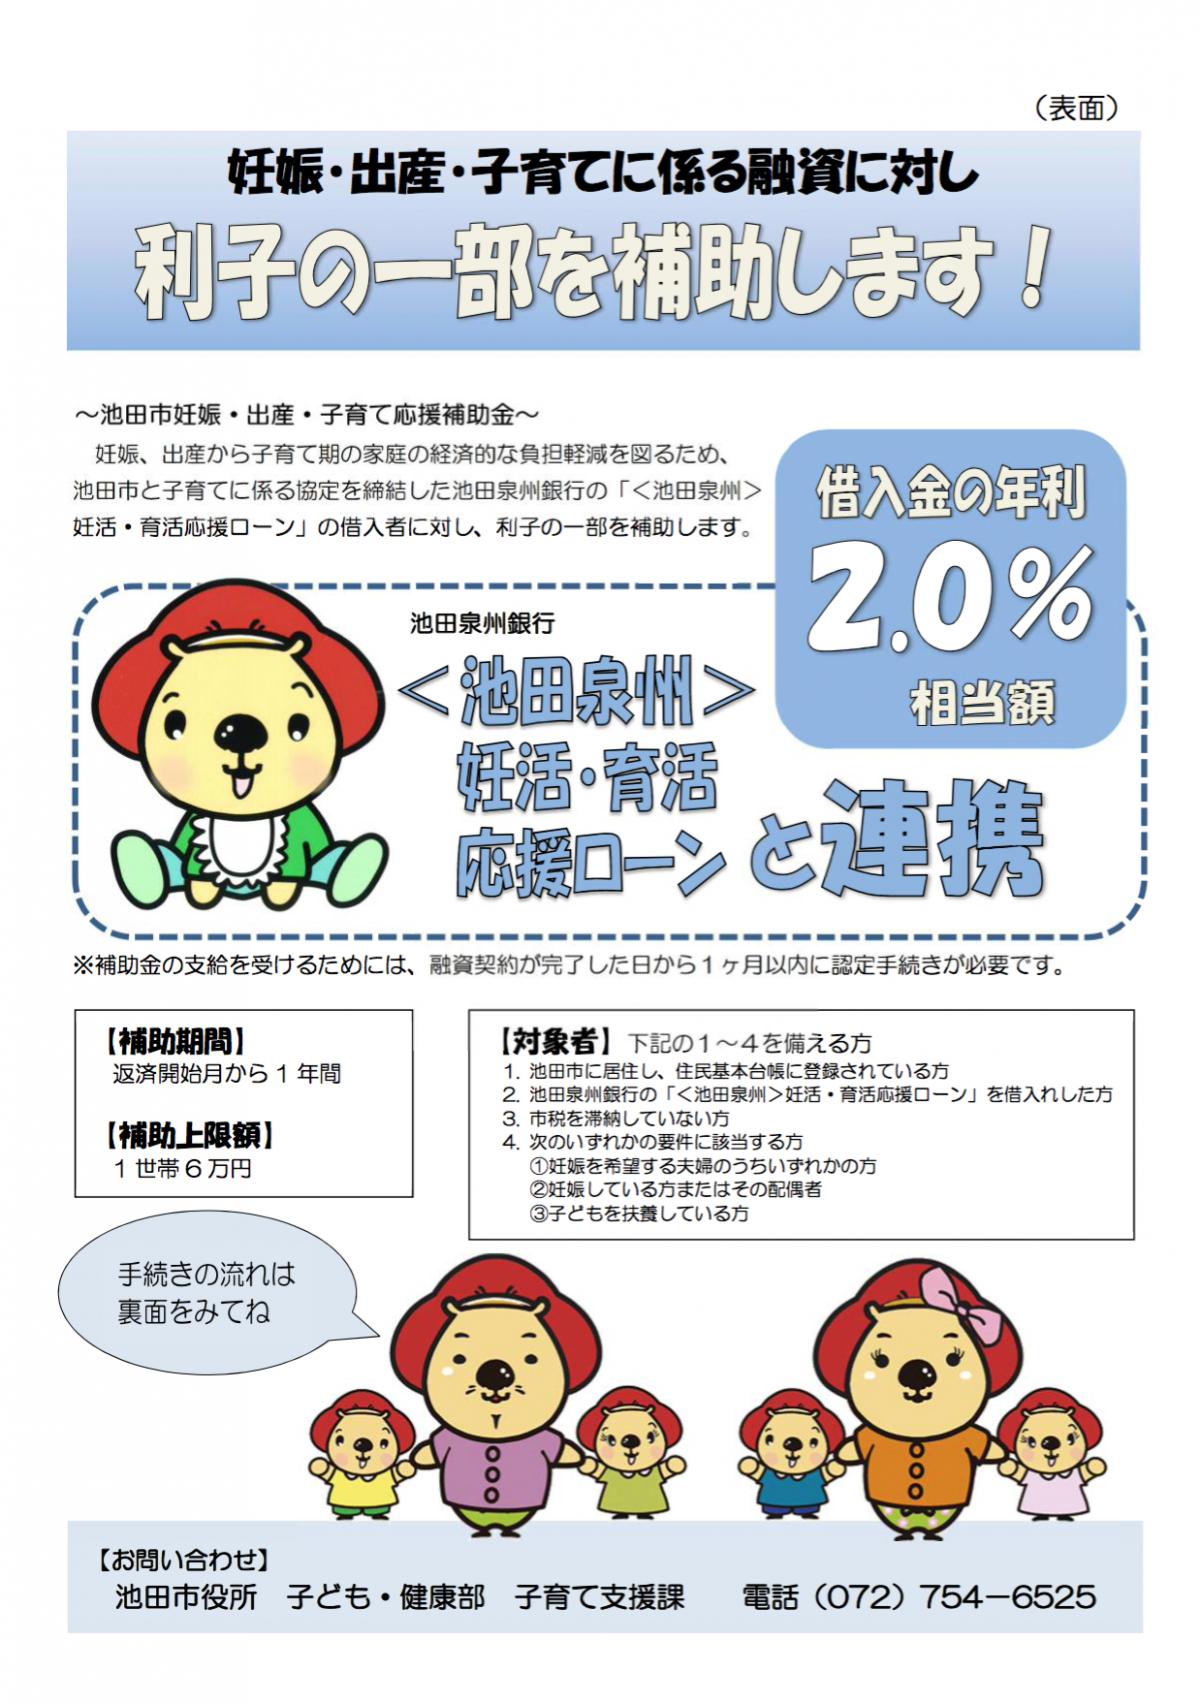 池田市が妊娠・出産・子育てに係る融資に対して利子の一部を補助してくれるそうです。